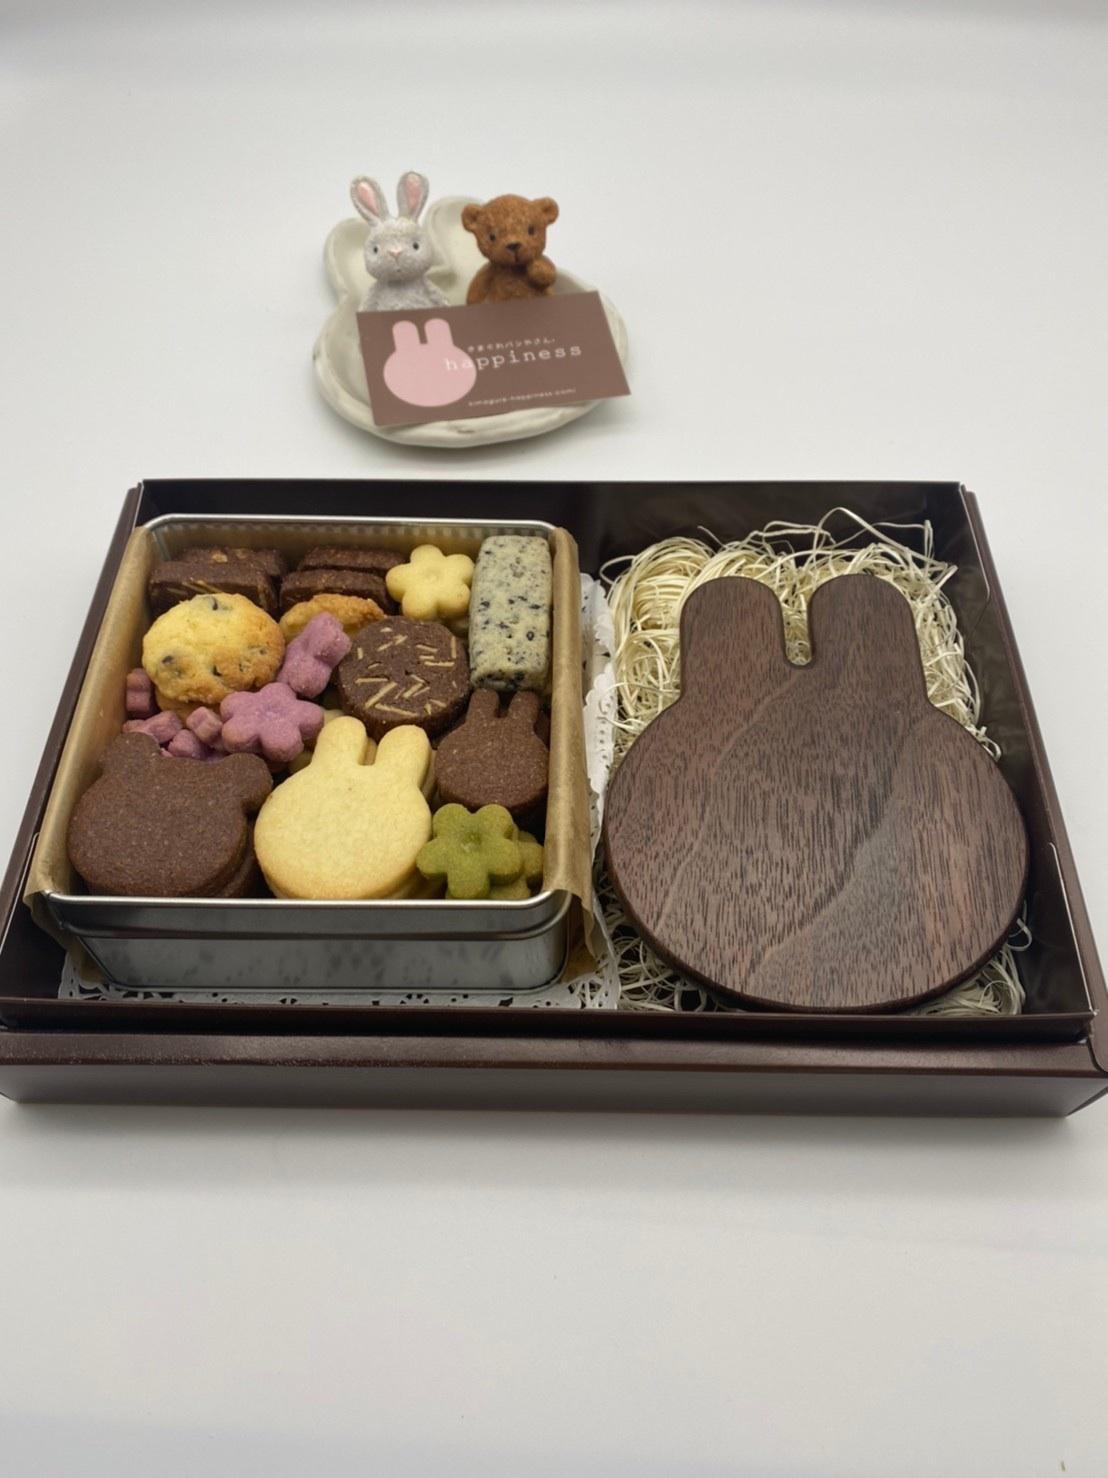 しあわせの宝石箱 うさぎいろいろクッキー缶とコースター単品セット